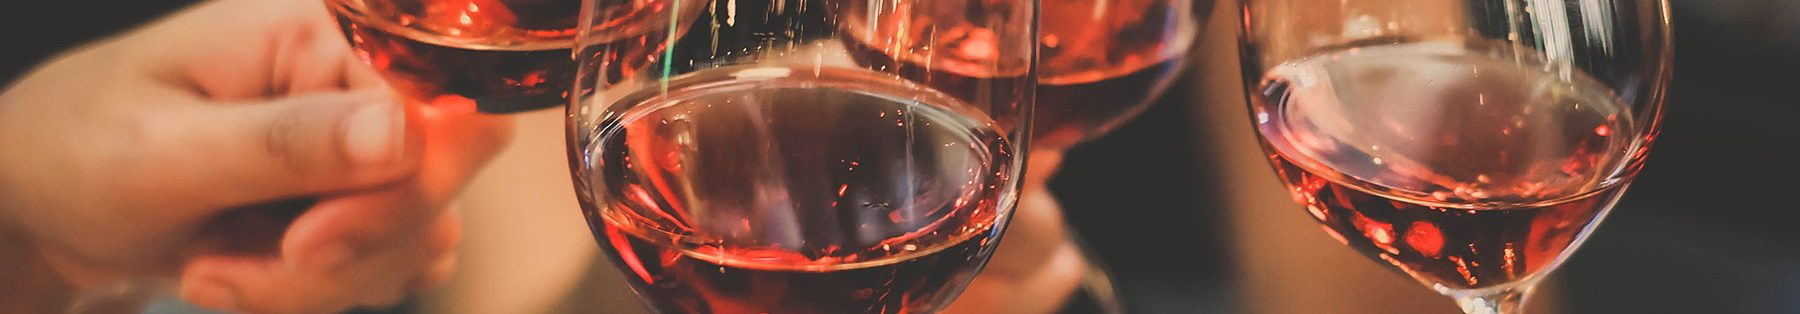 L'altra faccia del vino